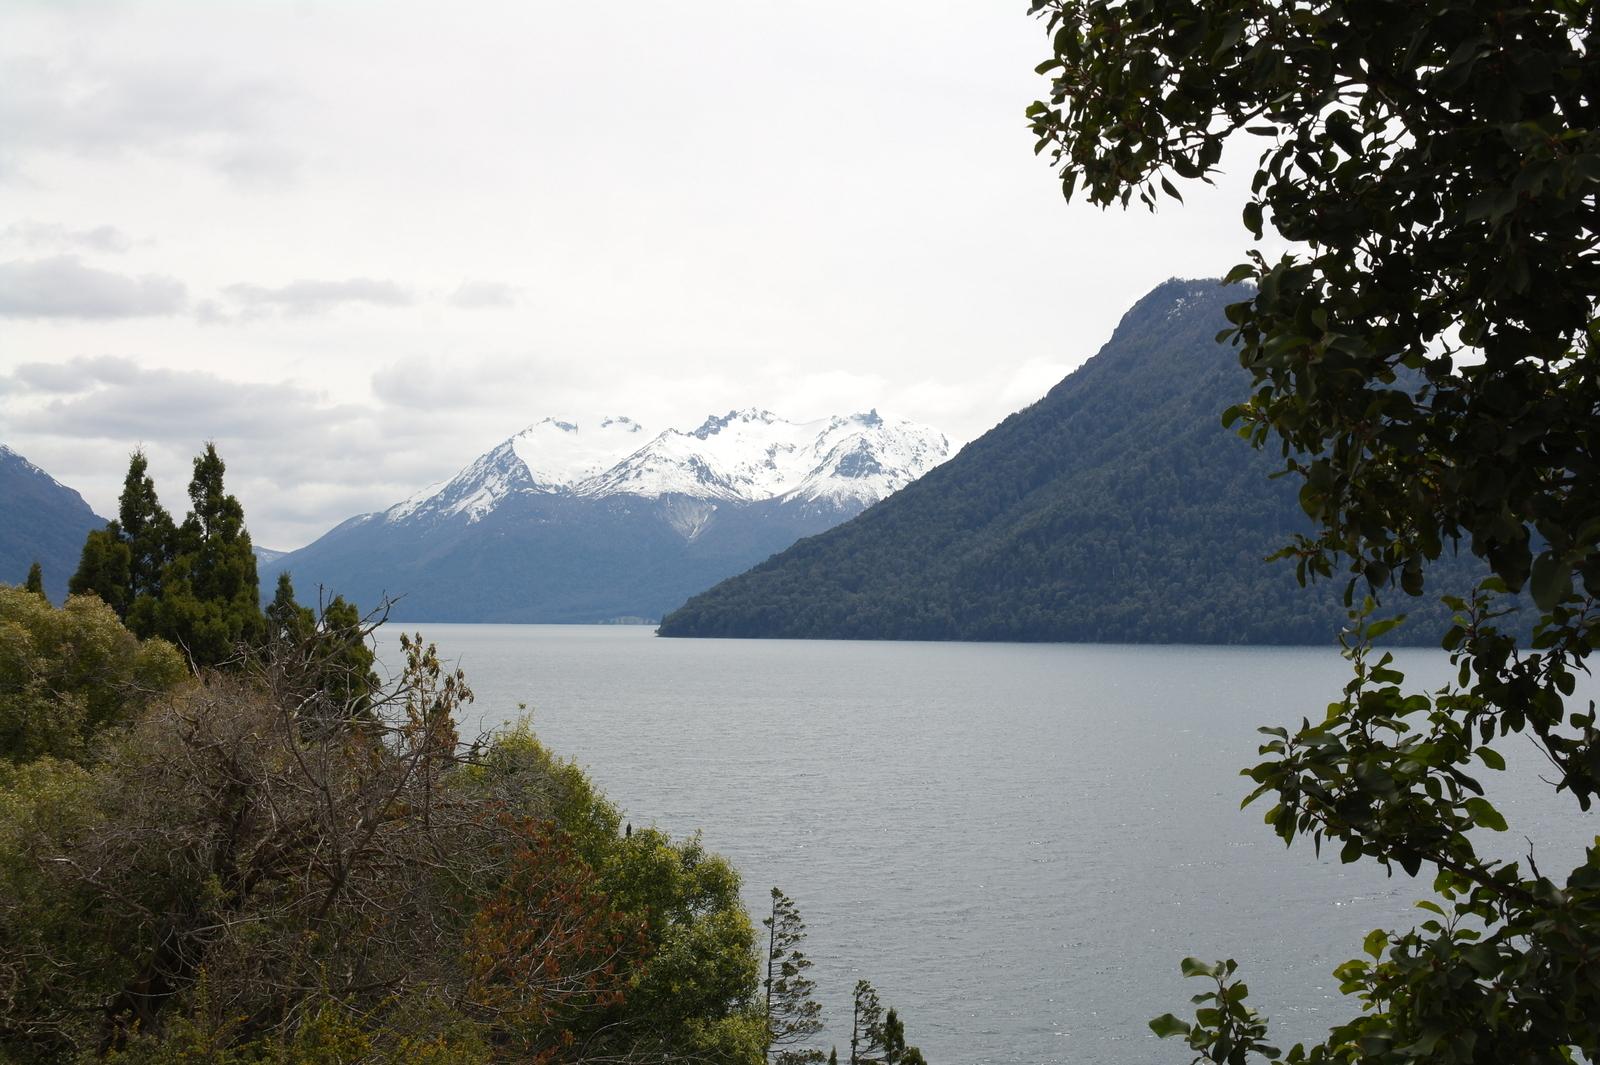 05 prachtig doorkijkje op Lago Espejo